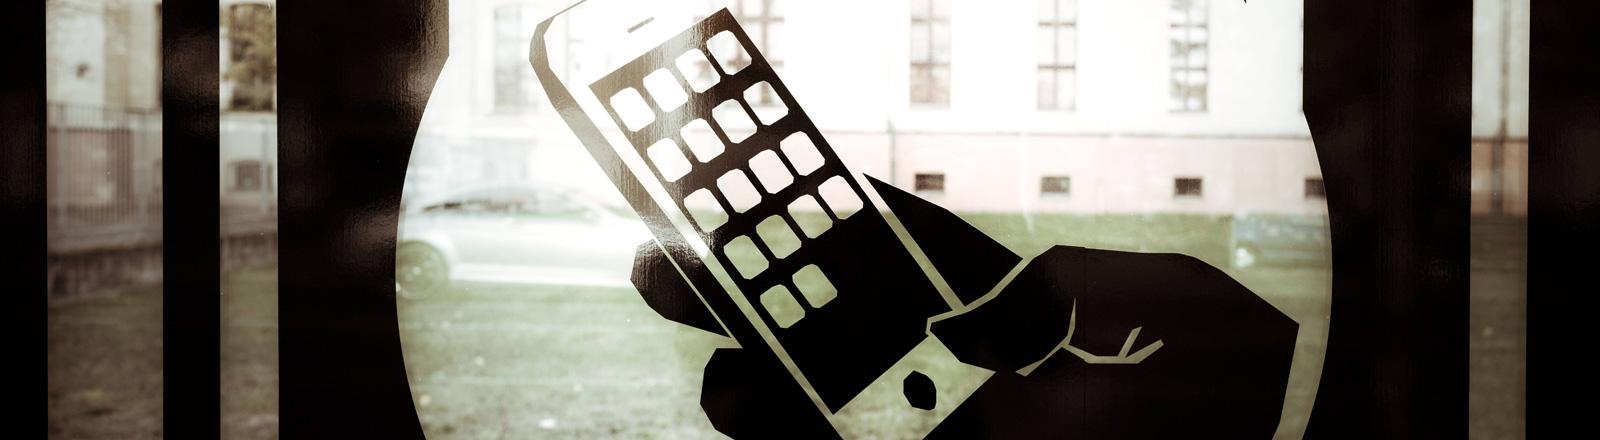 Ein Handy-Nutzer im Fadenkreuz der Überwachung